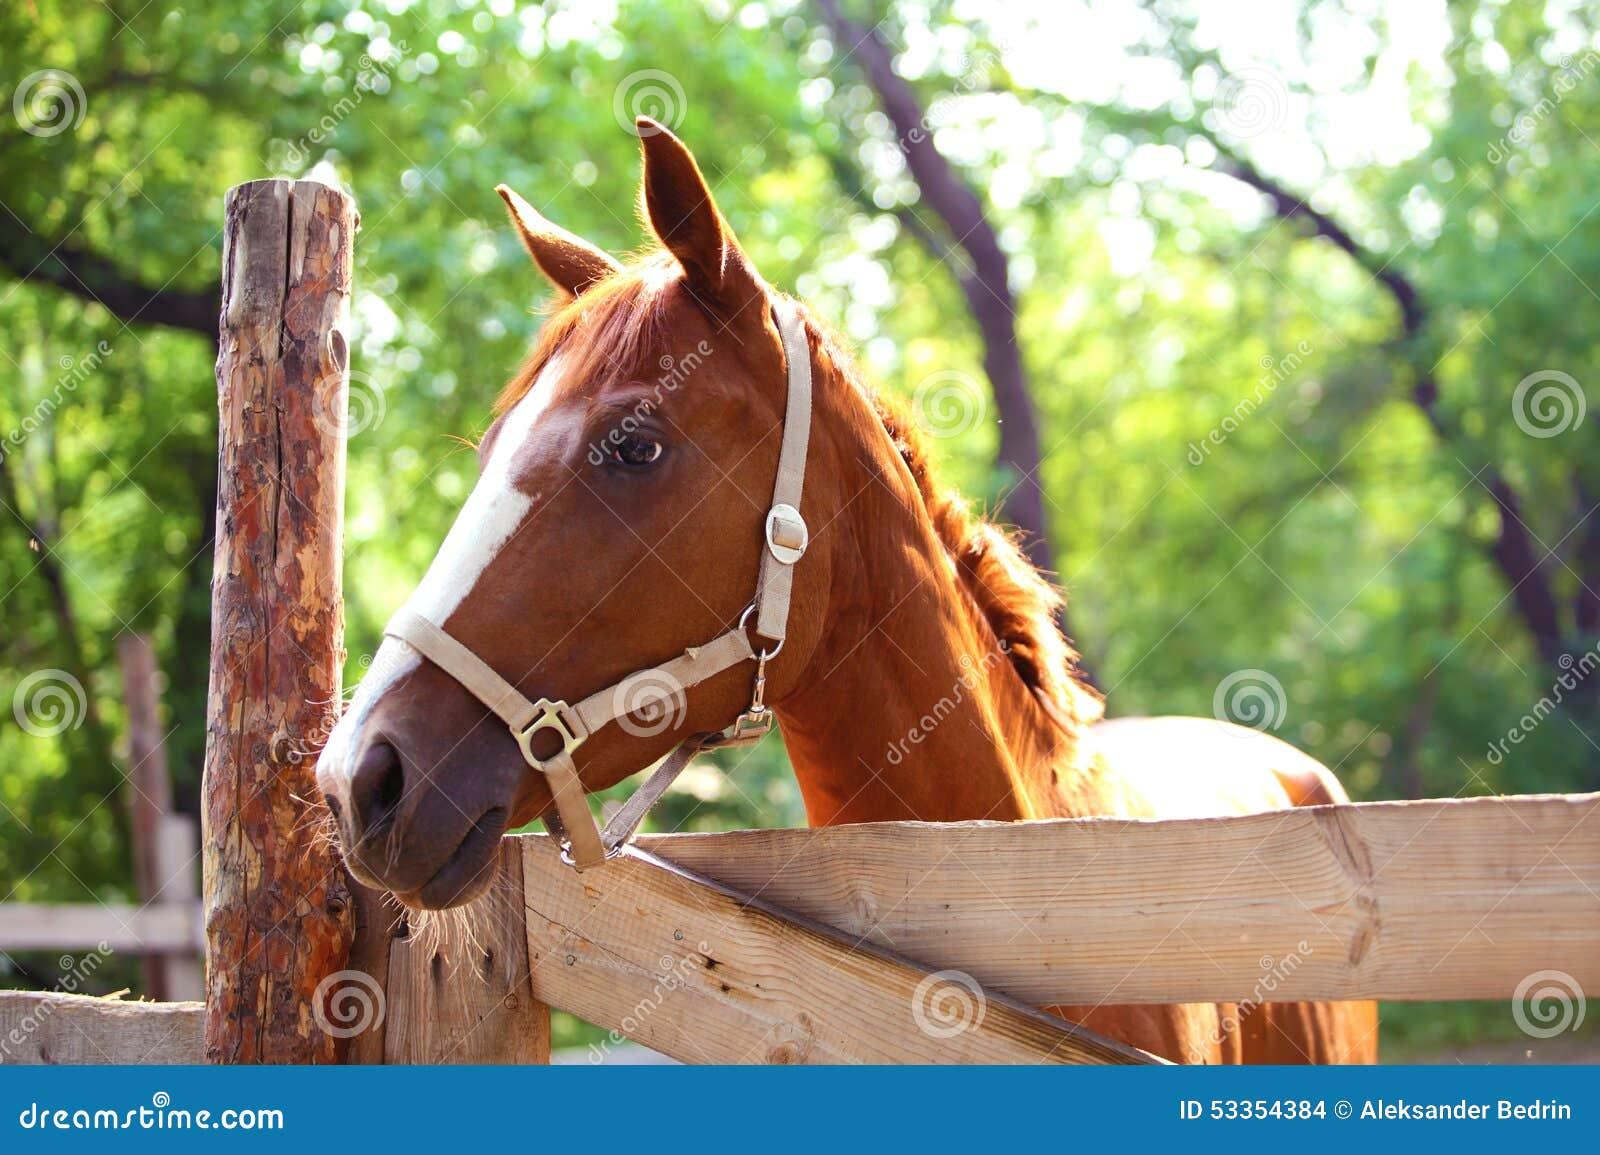 Ljust rödbrun häst på lantgård utomhus